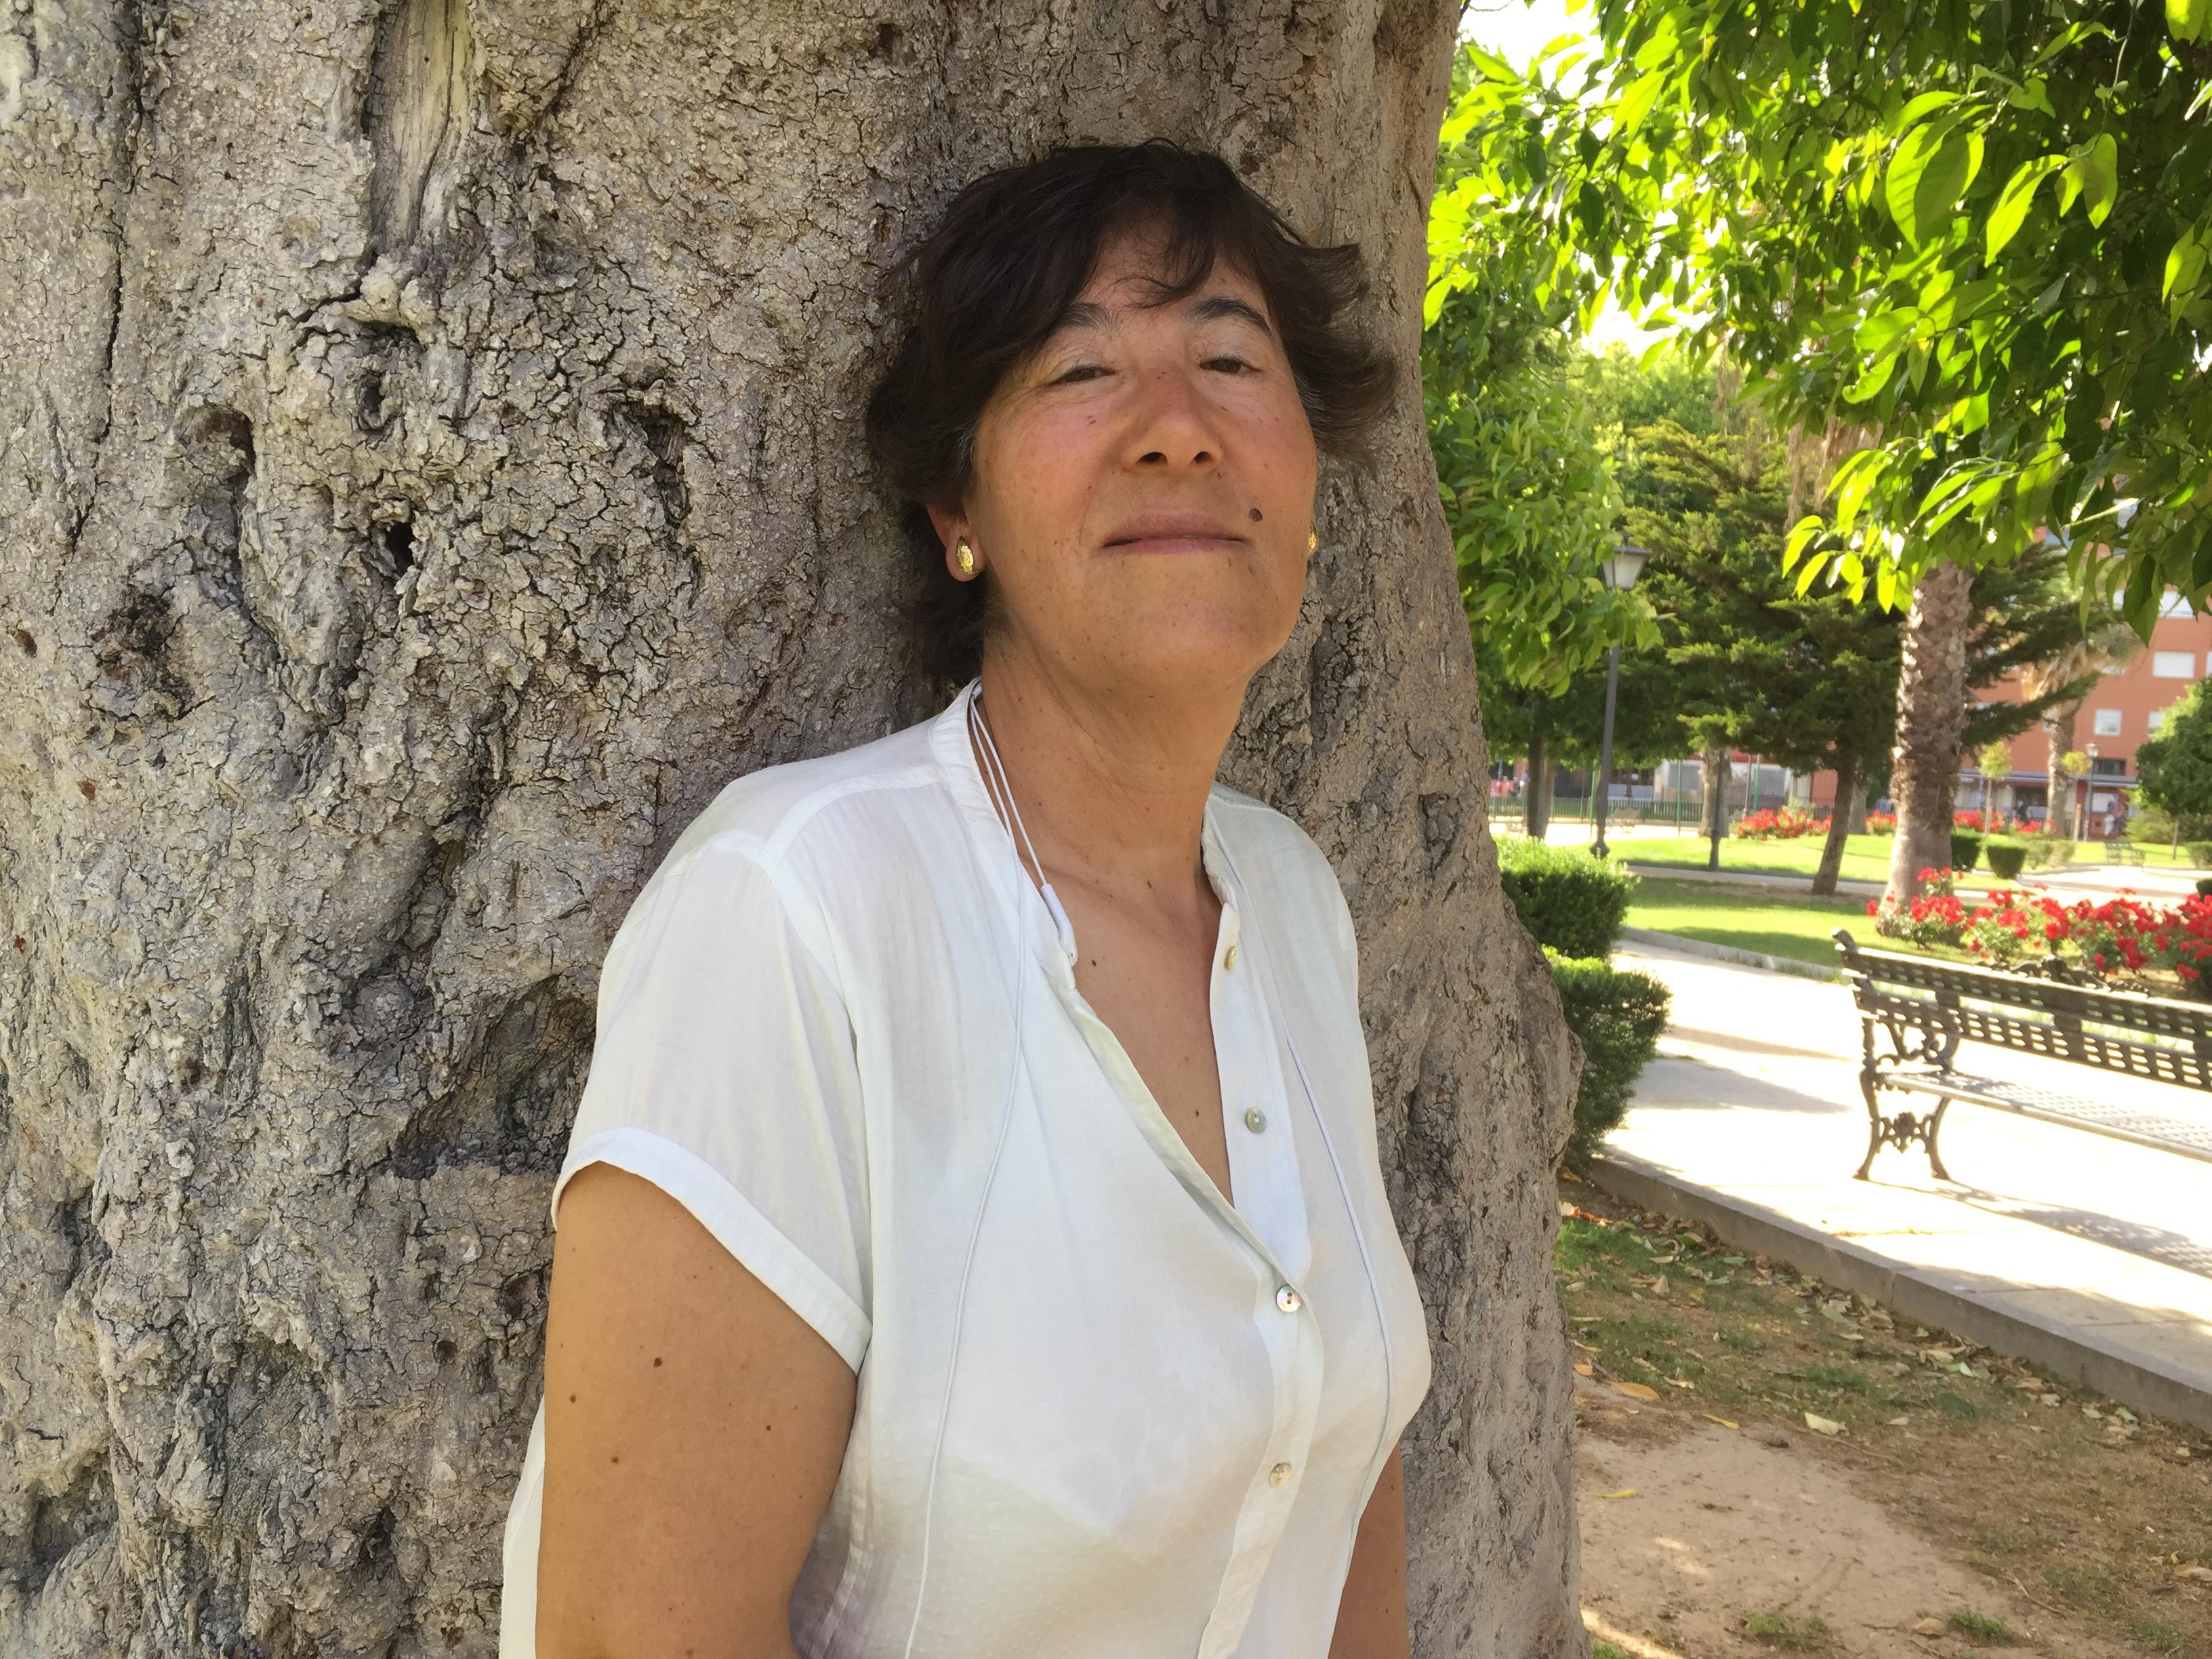 Ana María Estrada en el Parque de los Perdigones (Sevilla)